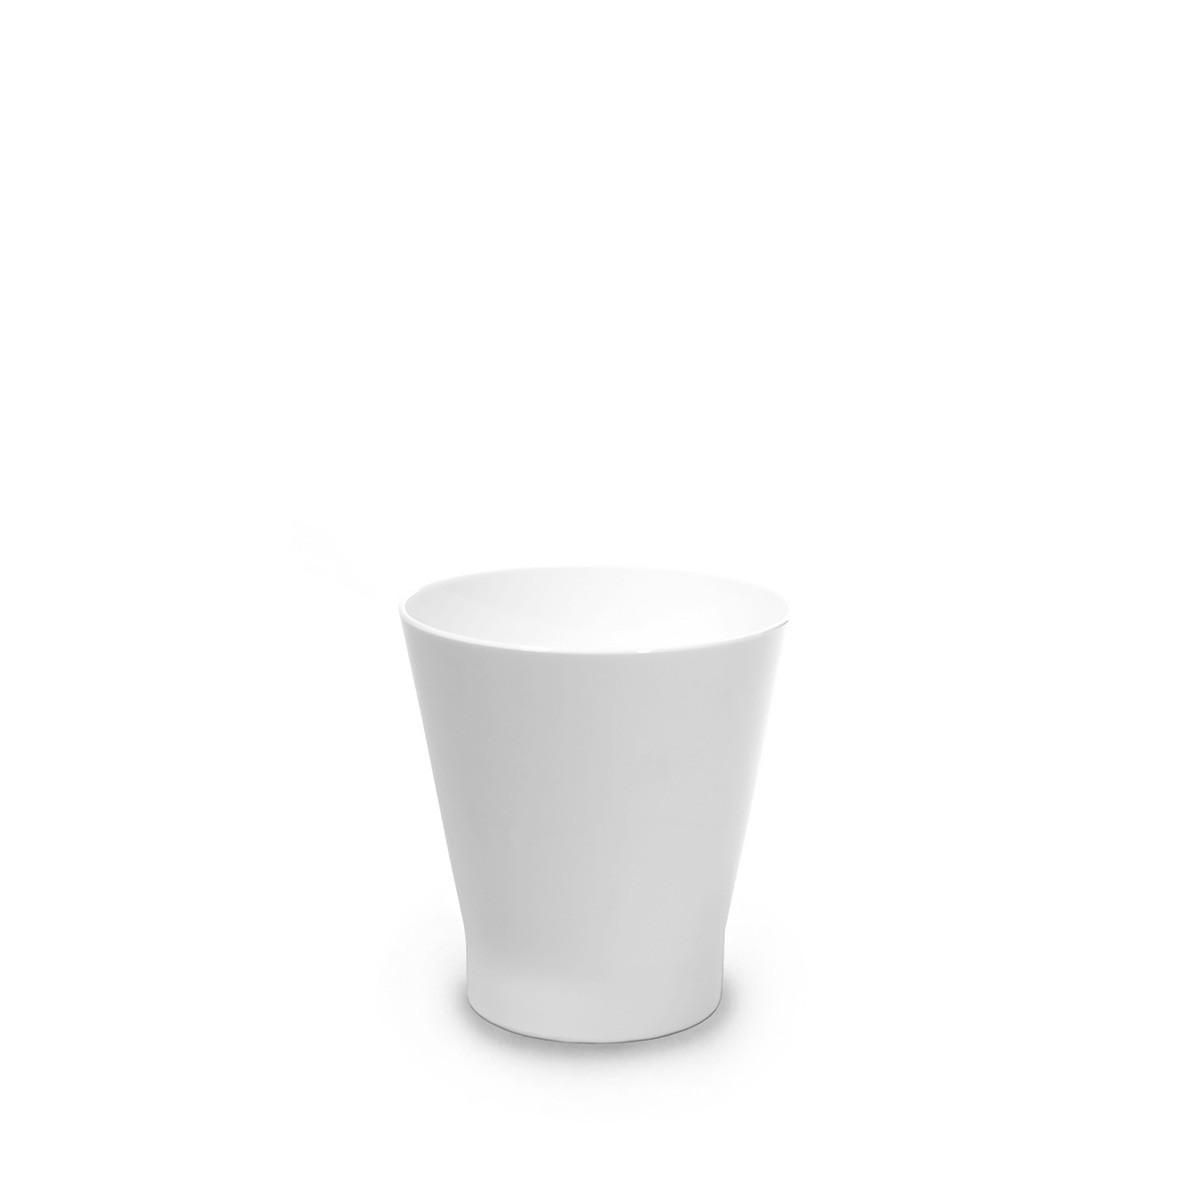 Verre à cocktail blanc incassable et personnalisable.